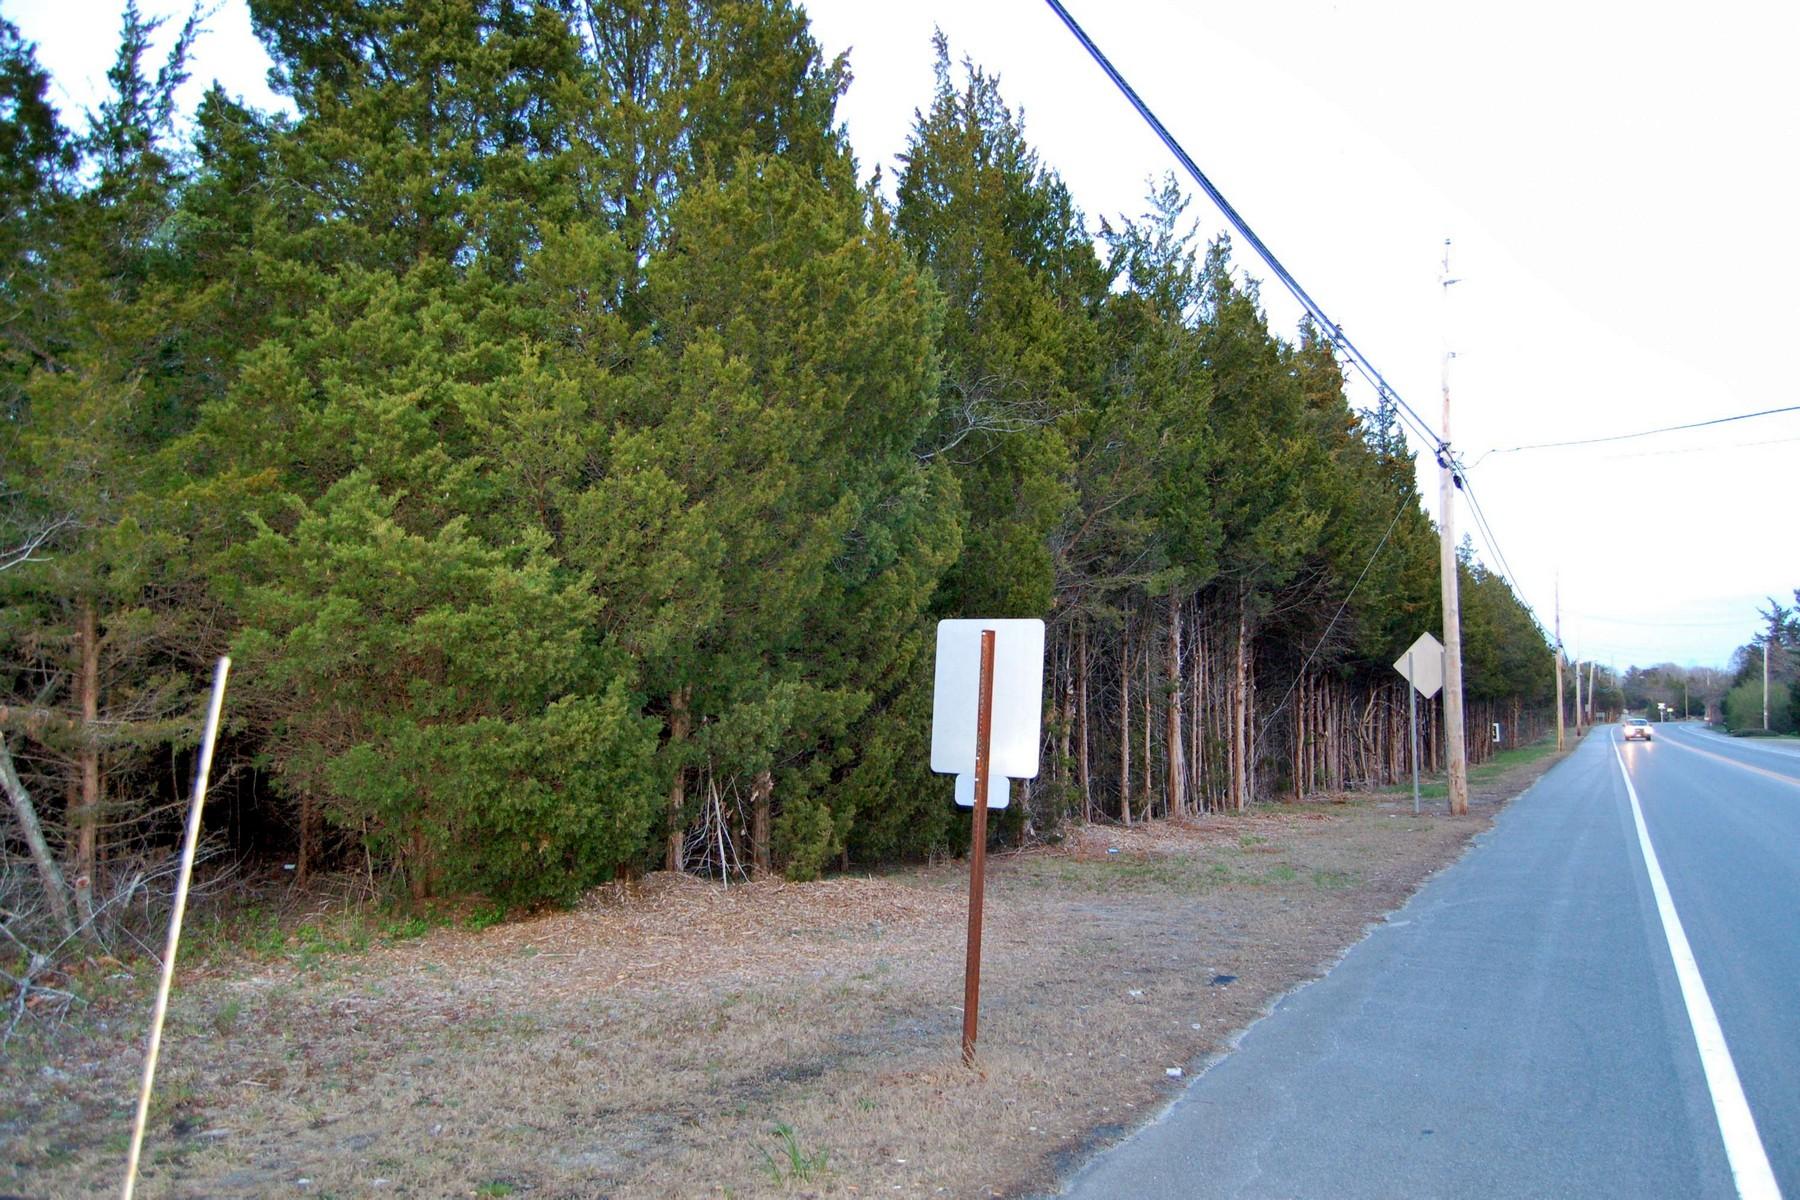 土地 为 销售 在 Petersburg Lot 629 Route 50 彼得堡, 新泽西州, 08270 美国